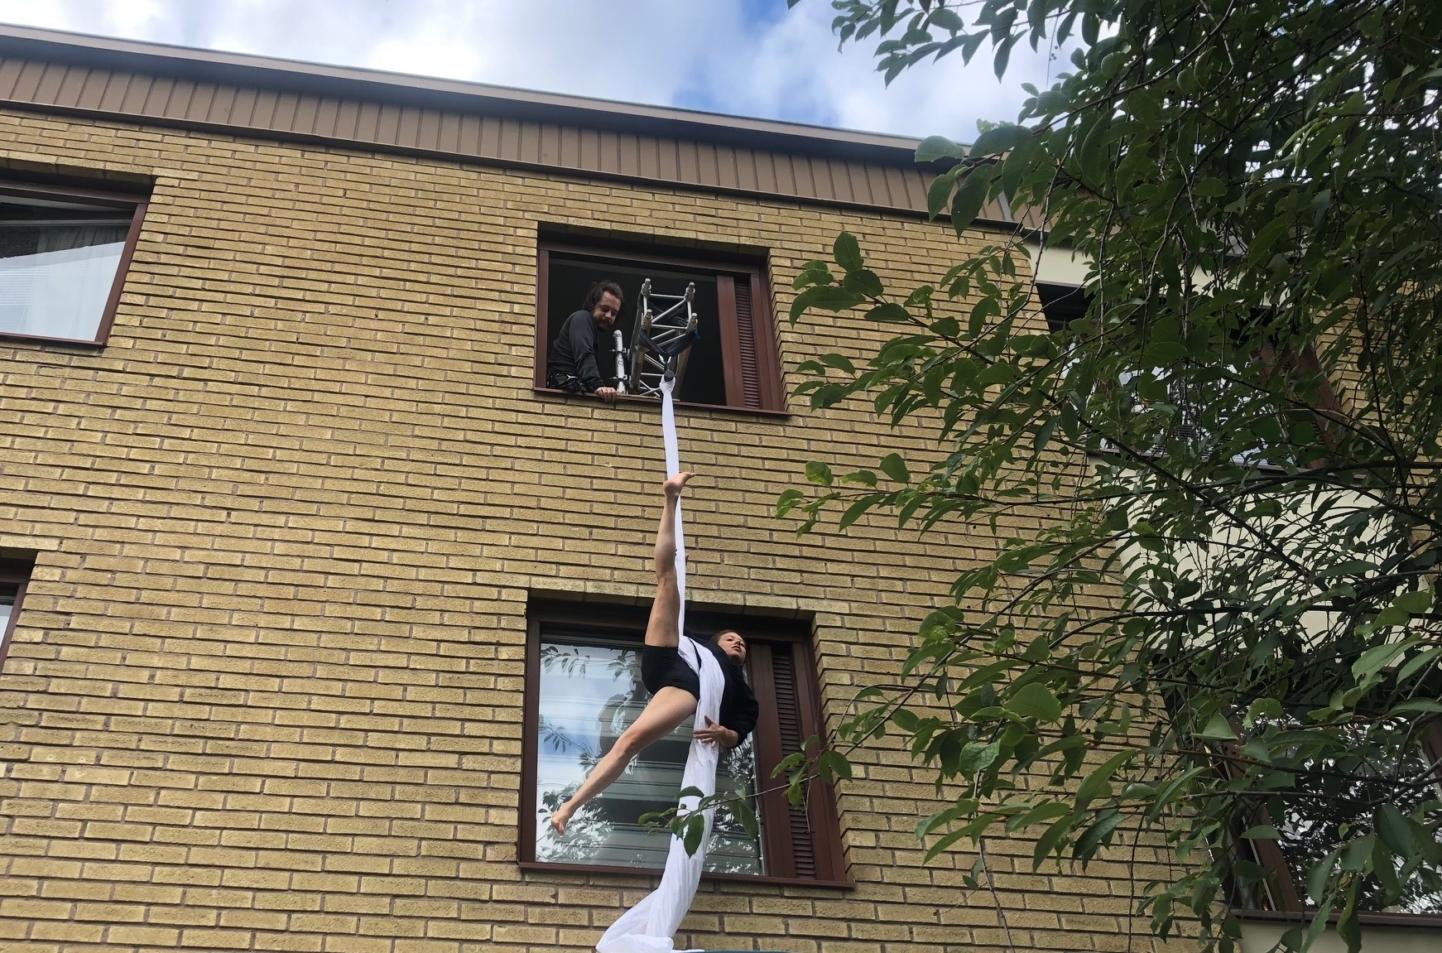 en cirkusartist hänger ut genom ett fönster i ett lakan